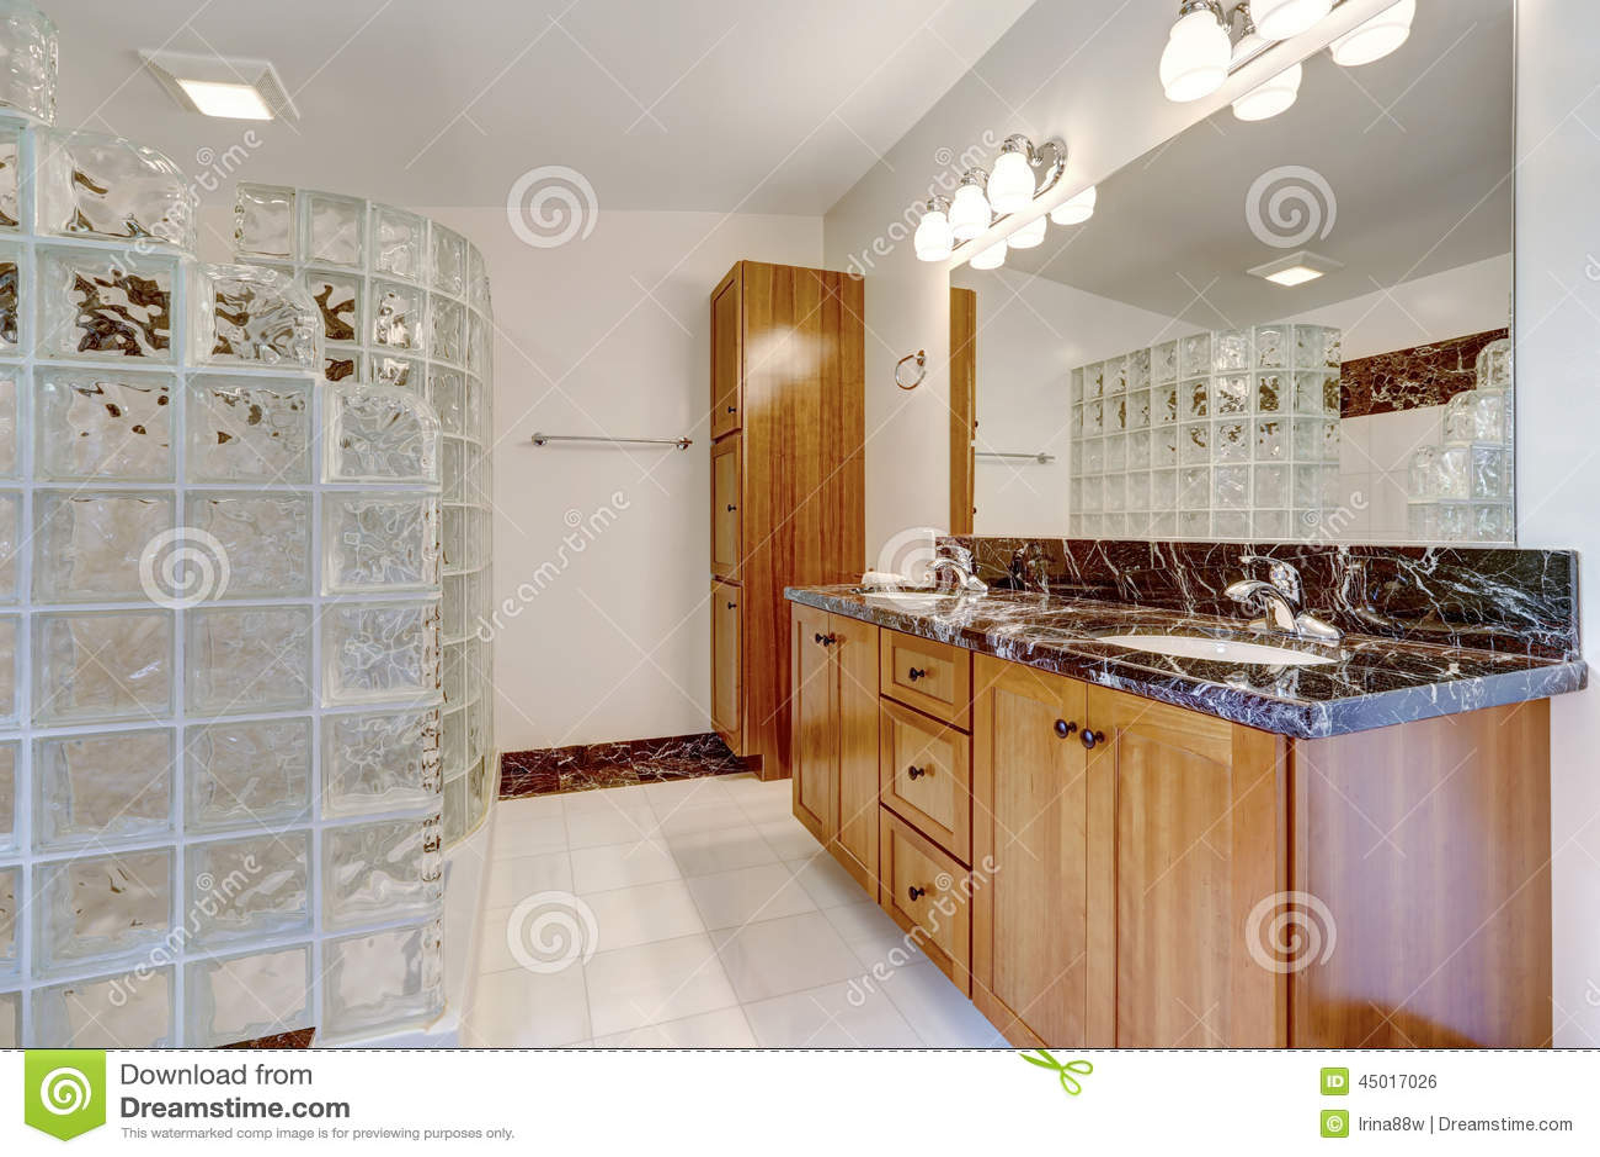 Banheiro Com Box De Bloco De Vidro  rinkratmagcom banheiros decorados 2017 -> Banheiro Decorado Com Bloco De Vidro